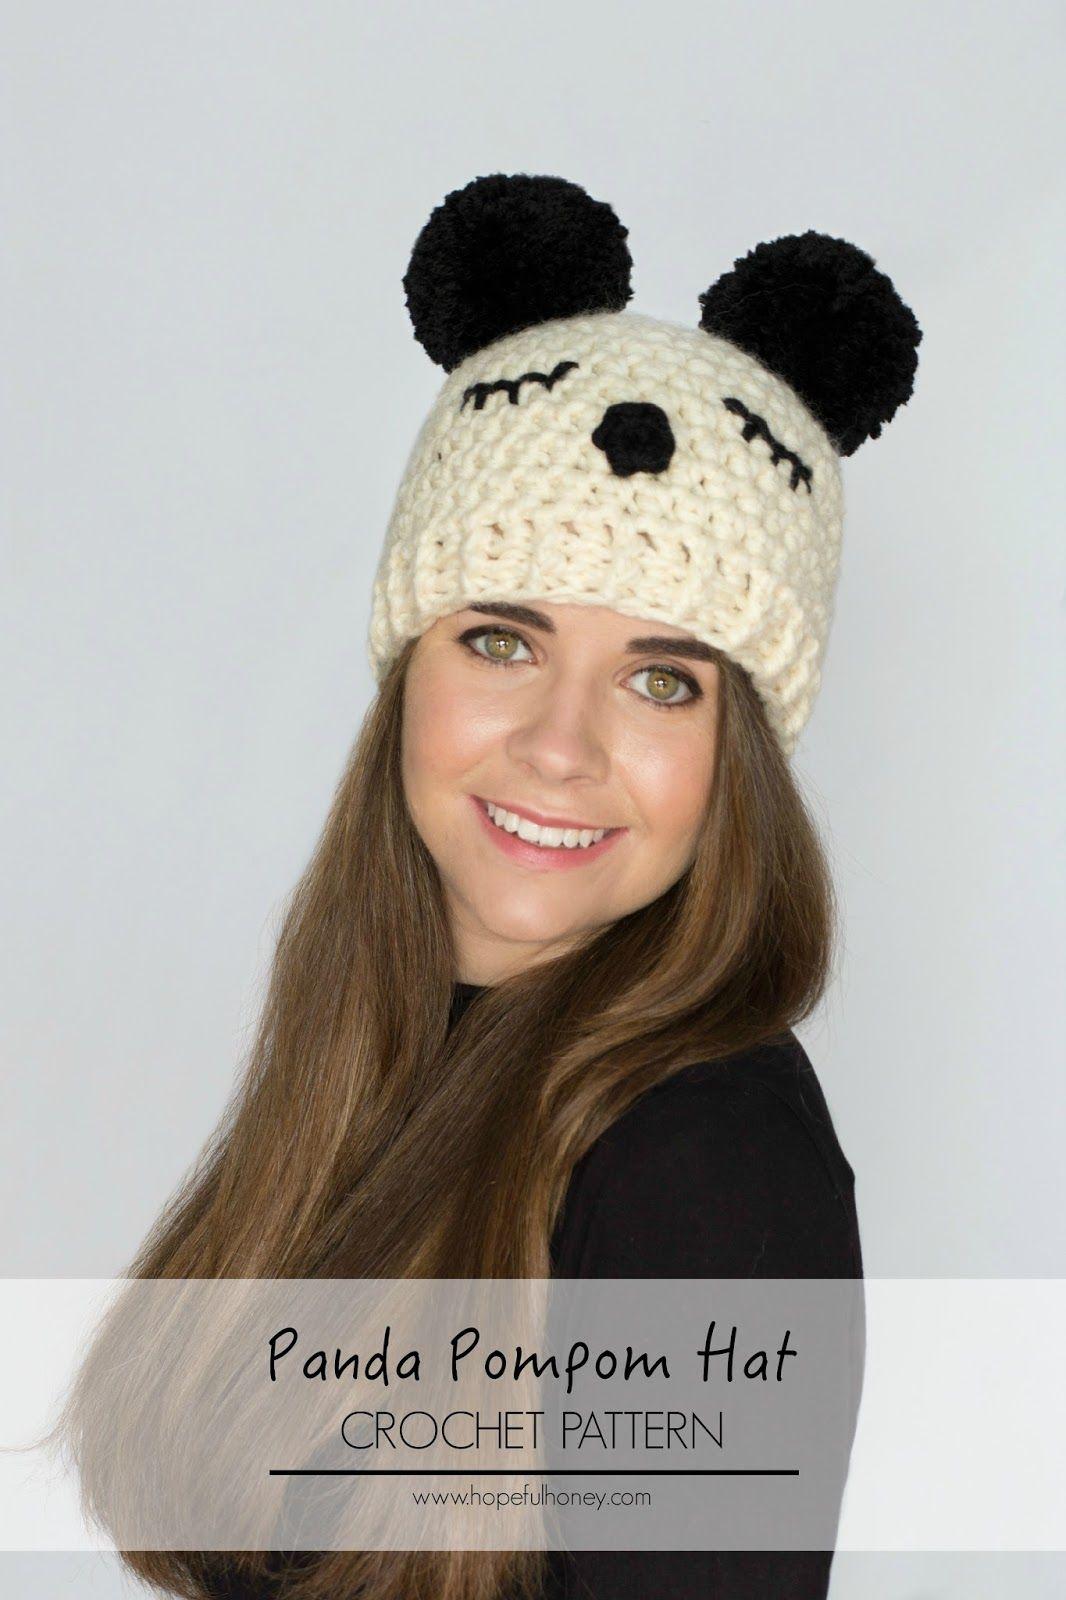 Panda+Pompom+Hat+Free+Crochet+Pattern+1.jpg 1,066×1,600 pixeles ...